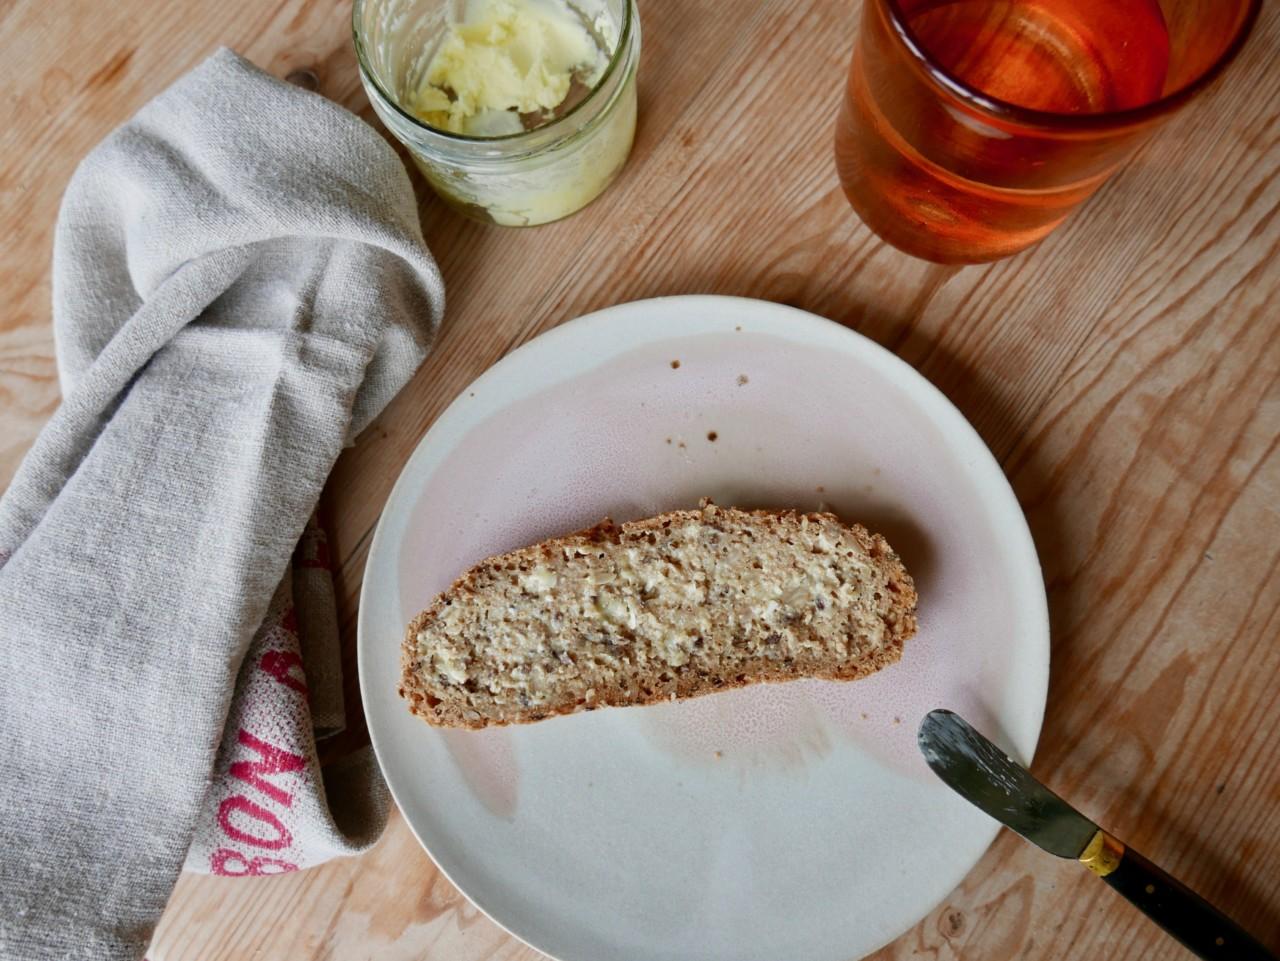 glutenfritt-brod-med-hjemmelaget-smor-det-glutenfrie-verksted